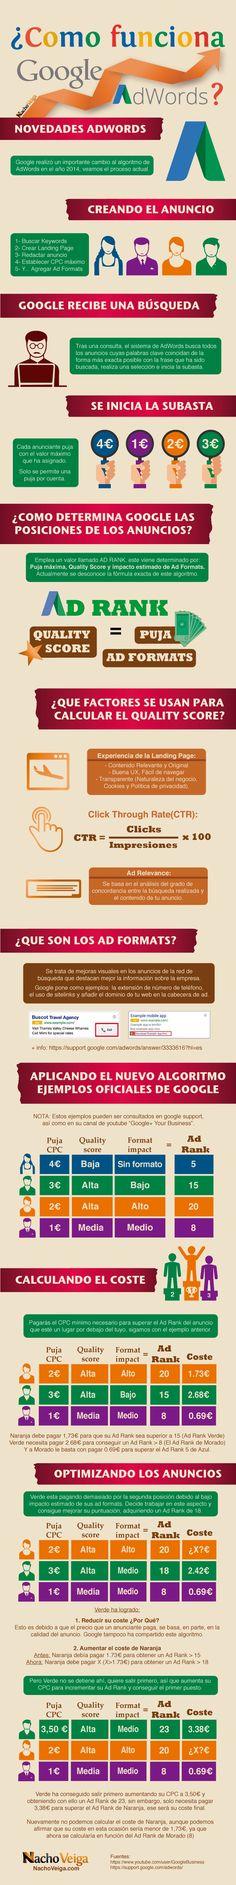 Cómo funciona Google Adwords #infografia #infographic #marketing | TICs y Formación